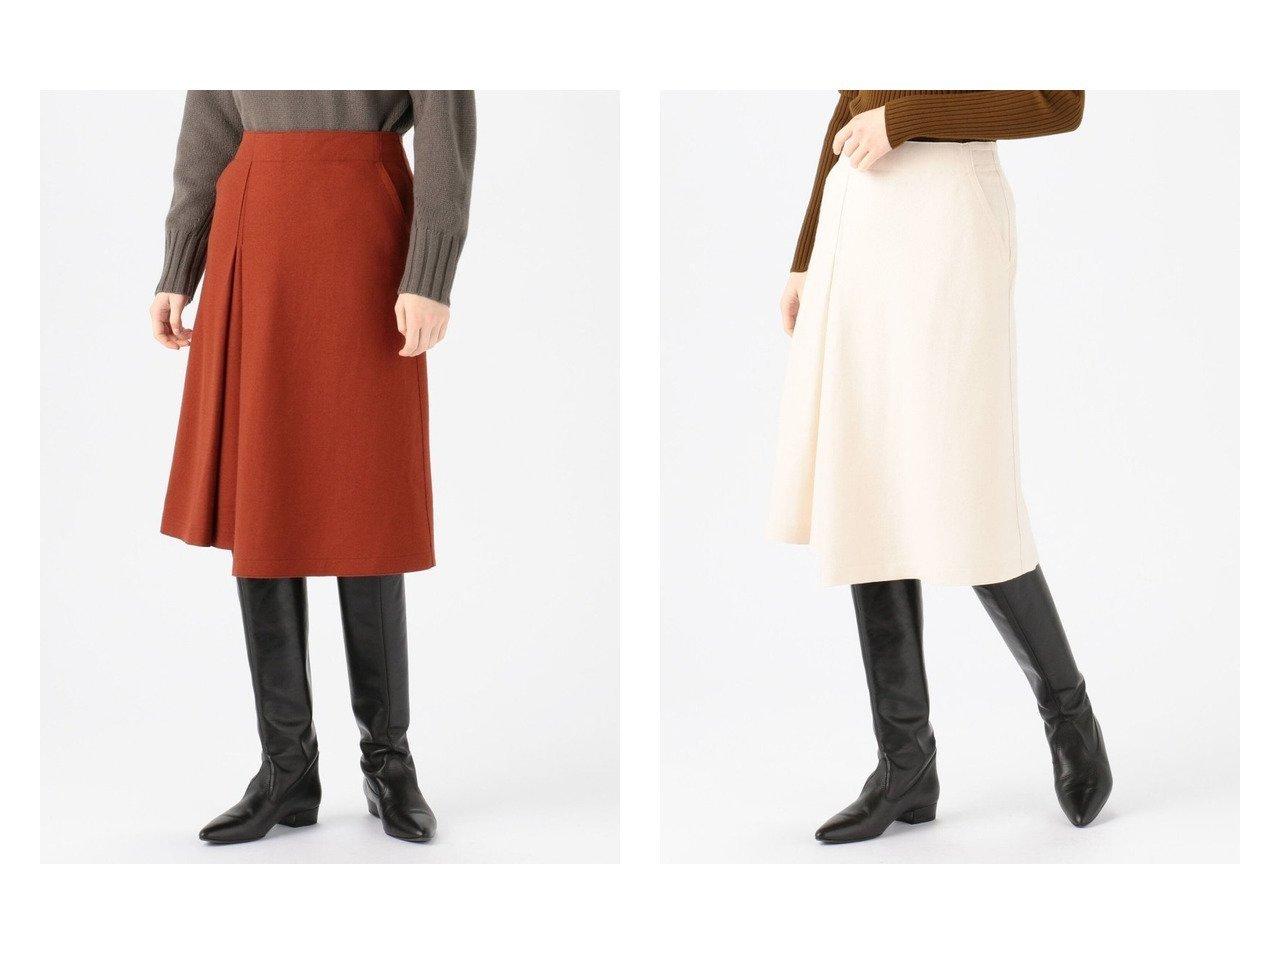 【TOMORROWLAND BALLSEY/トゥモローランド ボールジー】のウールスムースジャージー アシンメトリーラップスカート スカートのおすすめ!人気、レディースファッションの通販 おすすめで人気のファッション通販商品 インテリア・家具・キッズファッション・メンズファッション・レディースファッション・服の通販 founy(ファニー) https://founy.com/ ファッション Fashion レディース WOMEN スカート Skirt Aライン/フレアスカート Flared A-Line Skirts 秋冬 A/W Autumn/ Winter アシンメトリー エレガント トレンド フレア ヘムライン ラップ リラックス ロング 今季 |ID:crp329100000002717